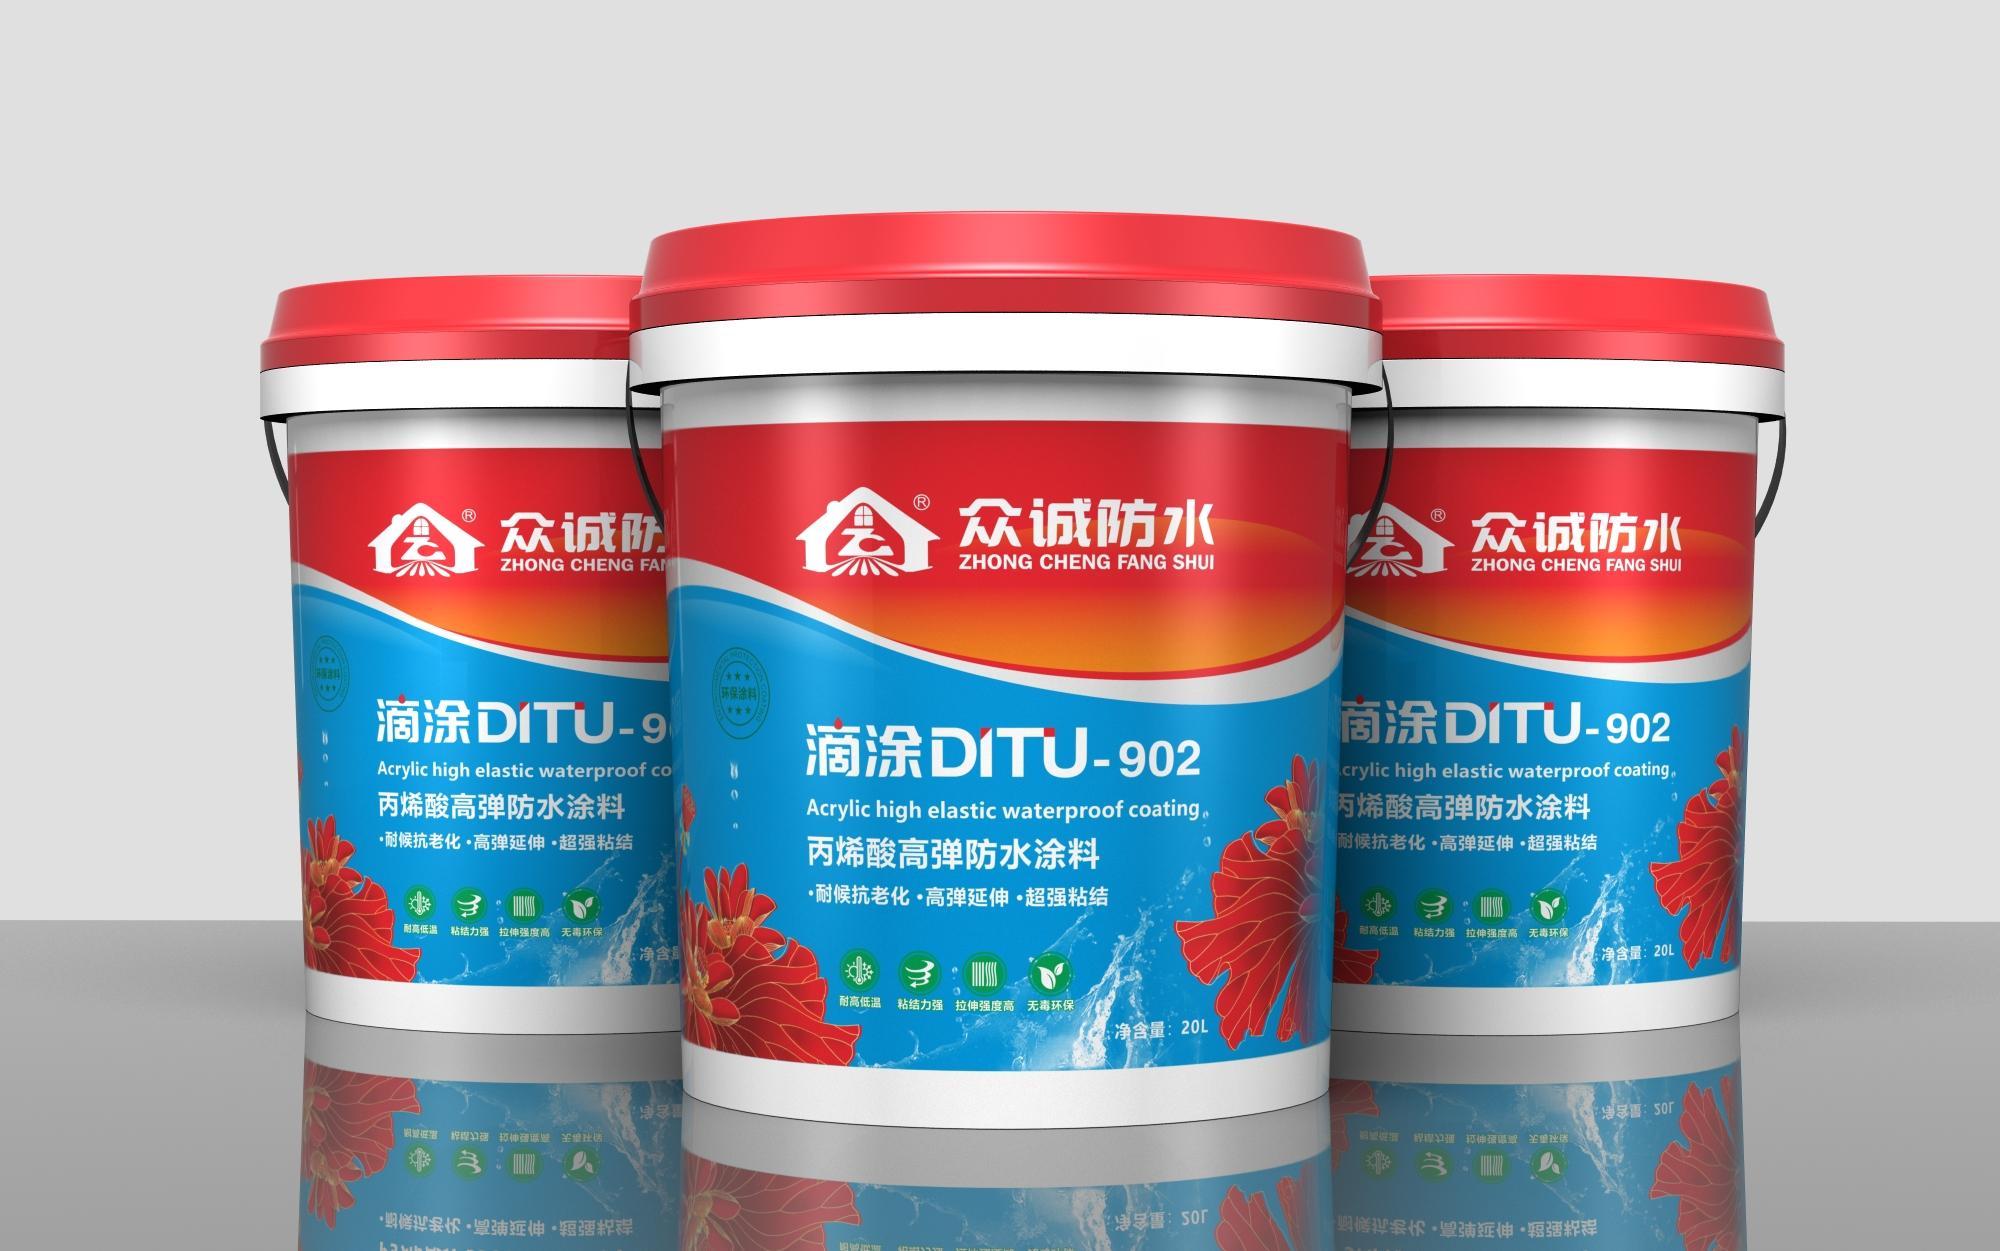 丙烯酸高彈防水涂料